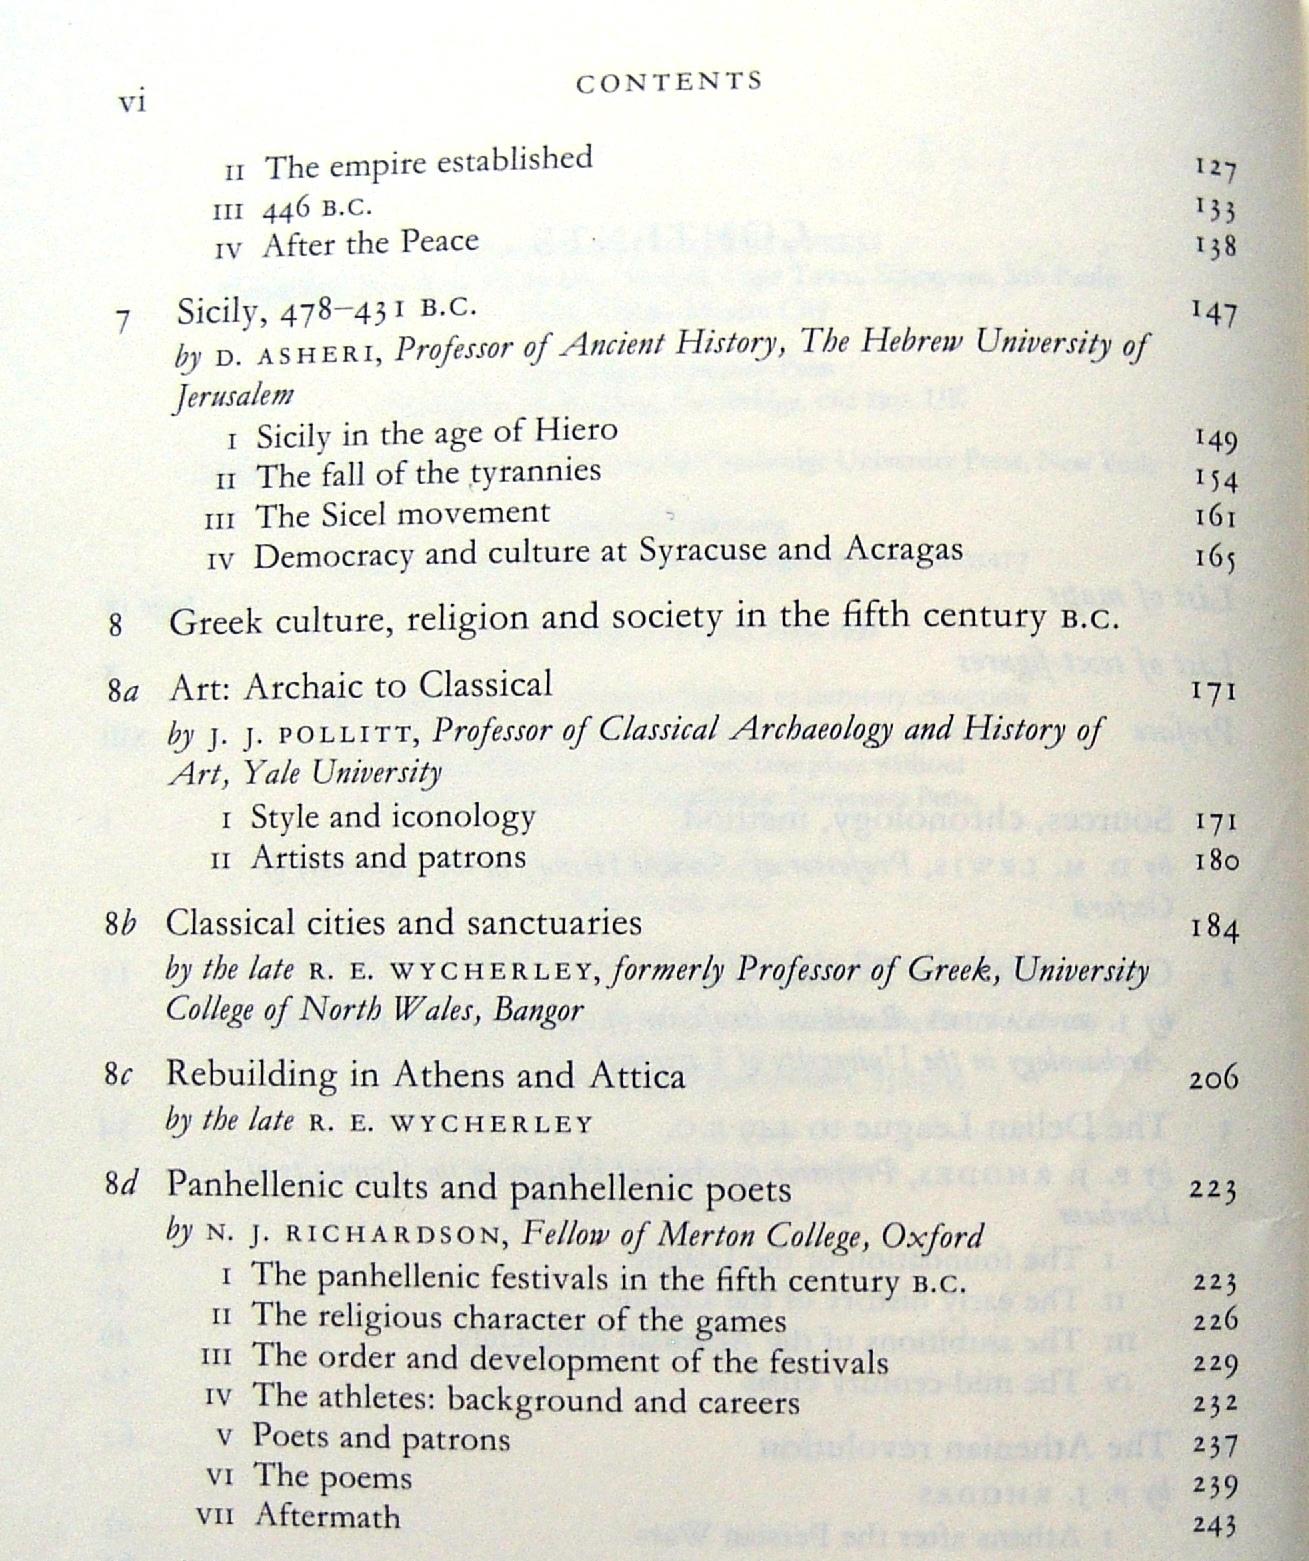 Un vistazo al índice, donde se constata la amplitud de temas de la obra.